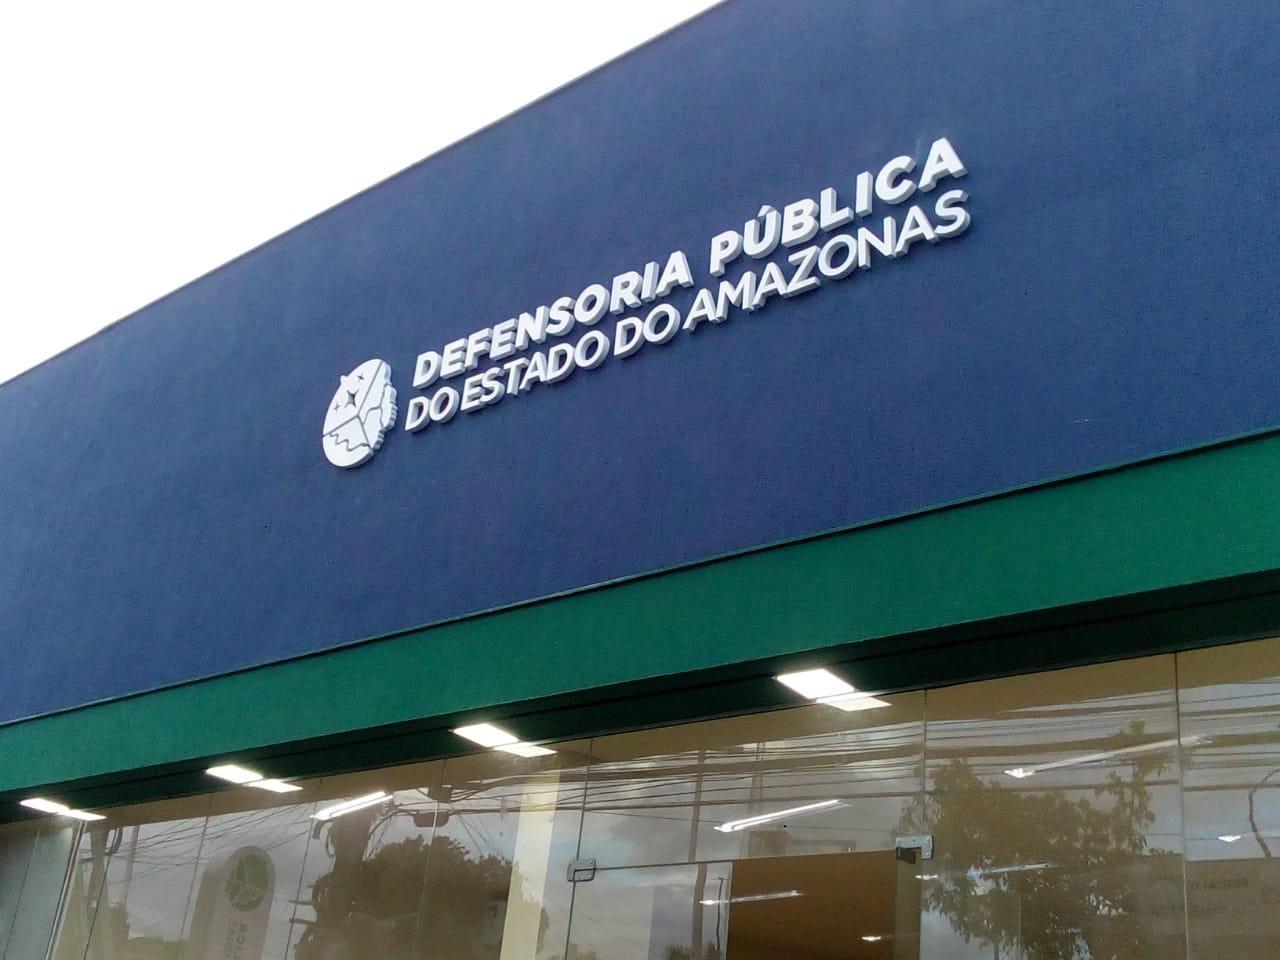 Inscrições para concurso da DPE-AM com salário de até R$ 6 mil são prorrogadas até sexta (18) - Notícias - Plantão Diário